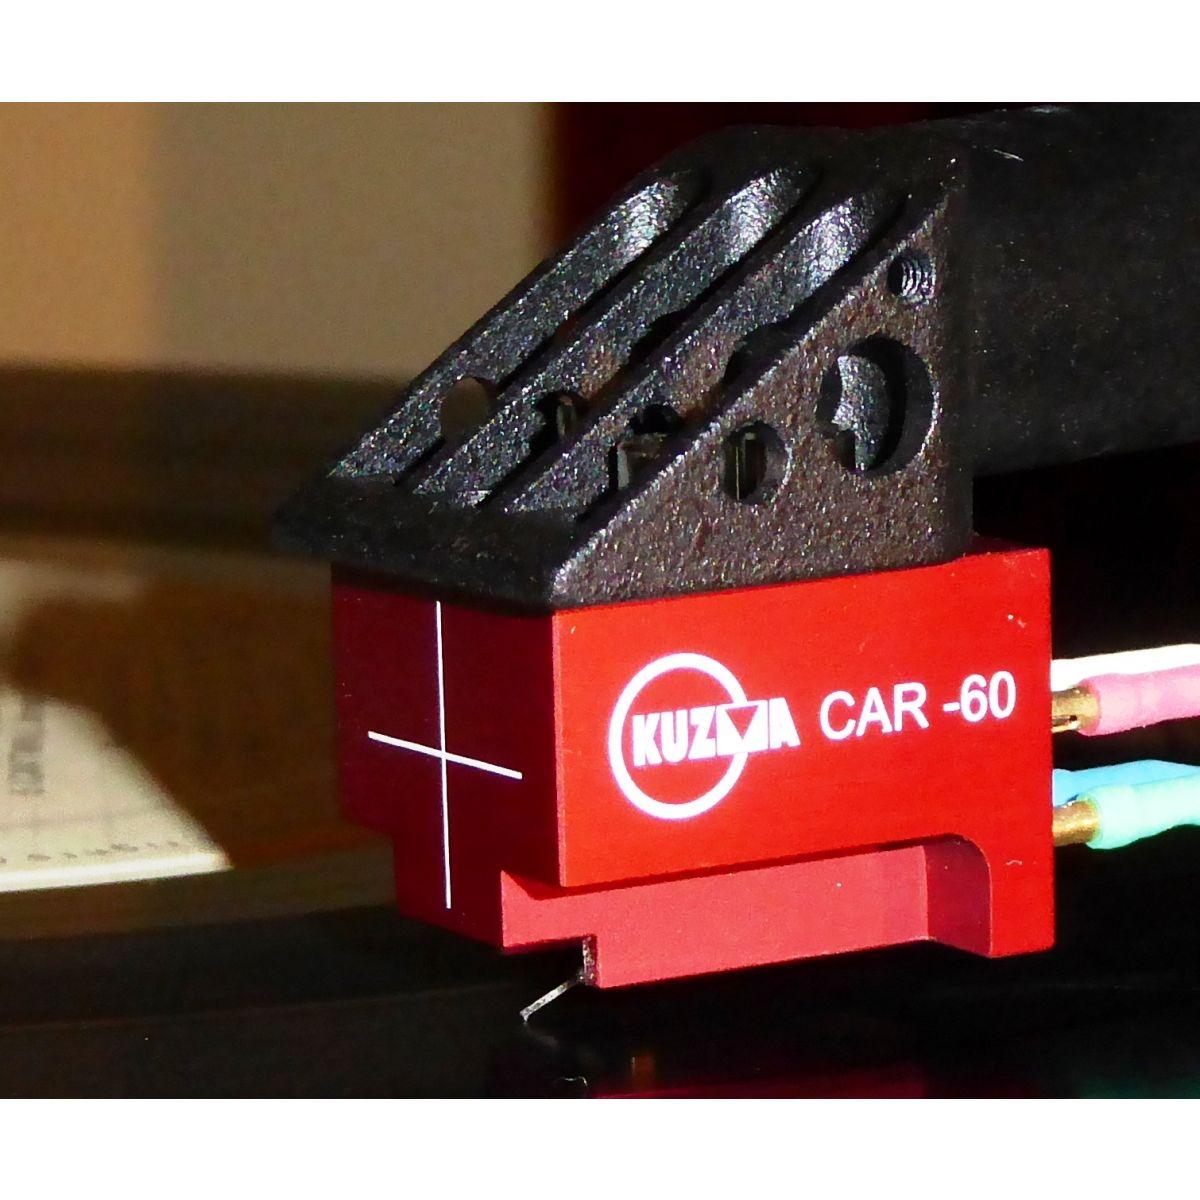 Kuzma CAR 60